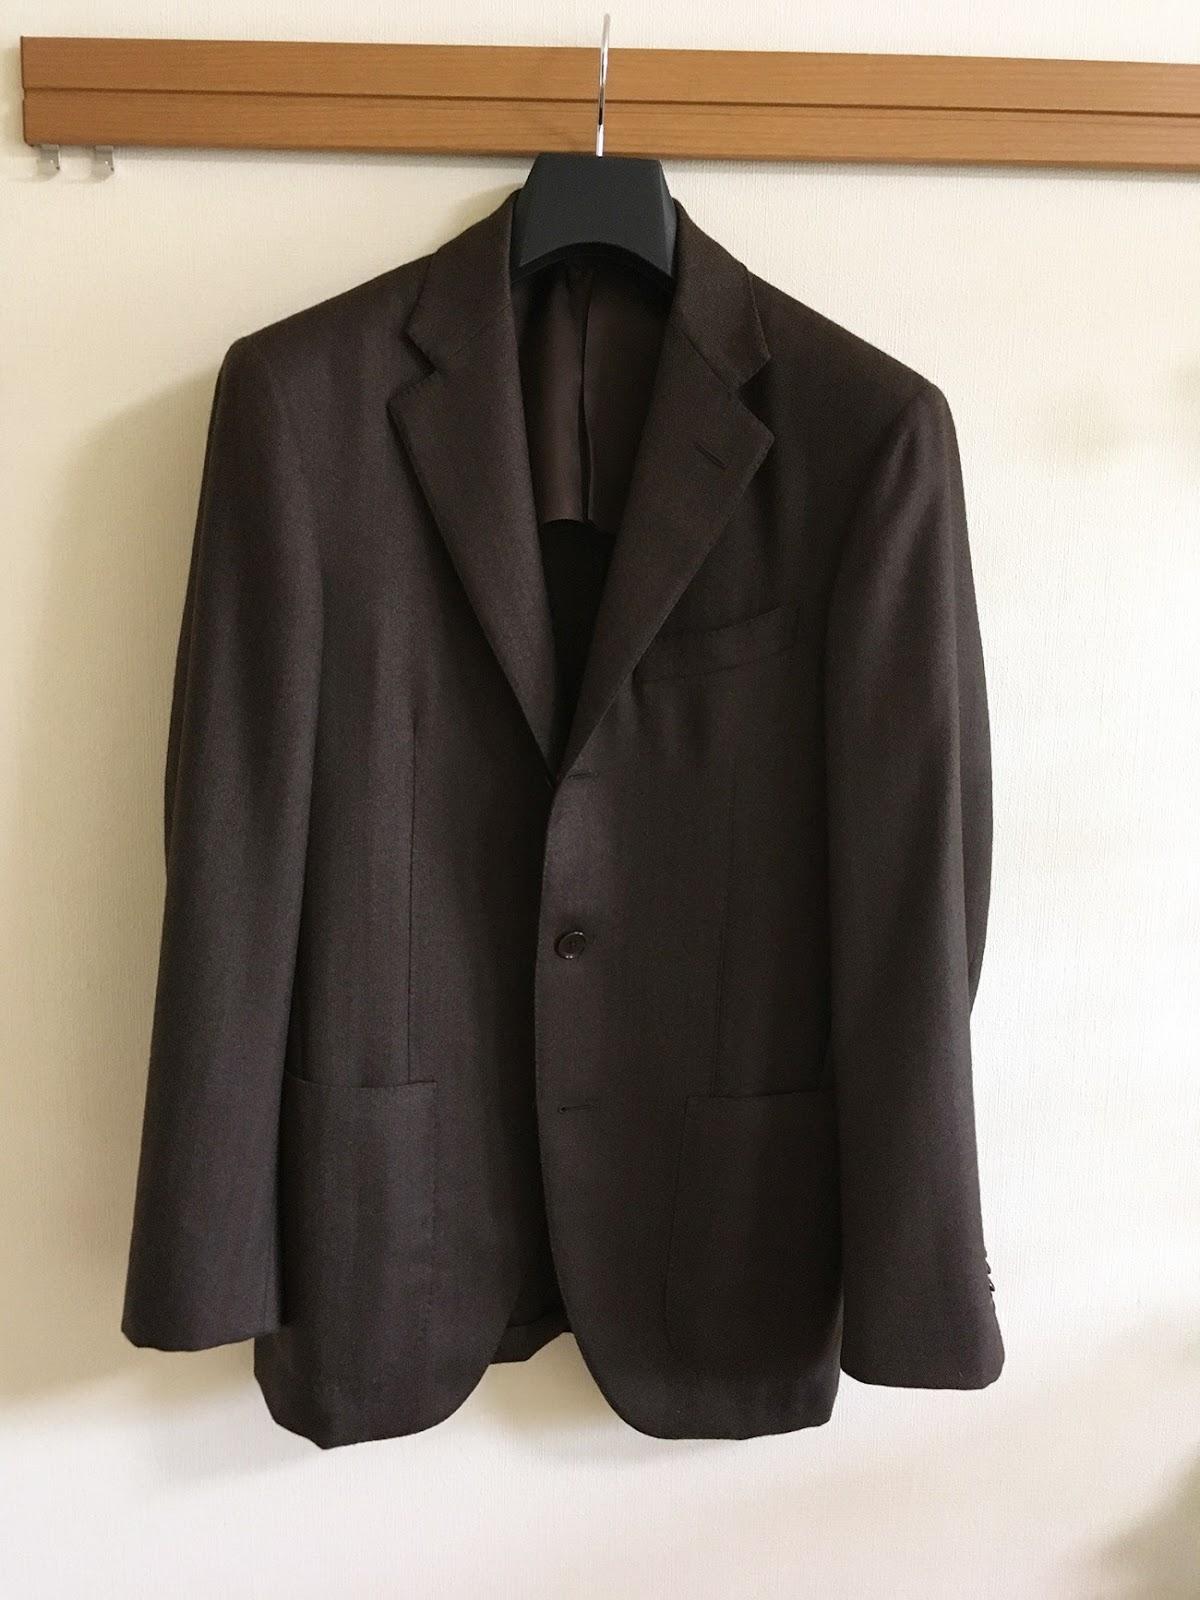 ワードローブトリートメントでスーツがとてもきれいになった事例